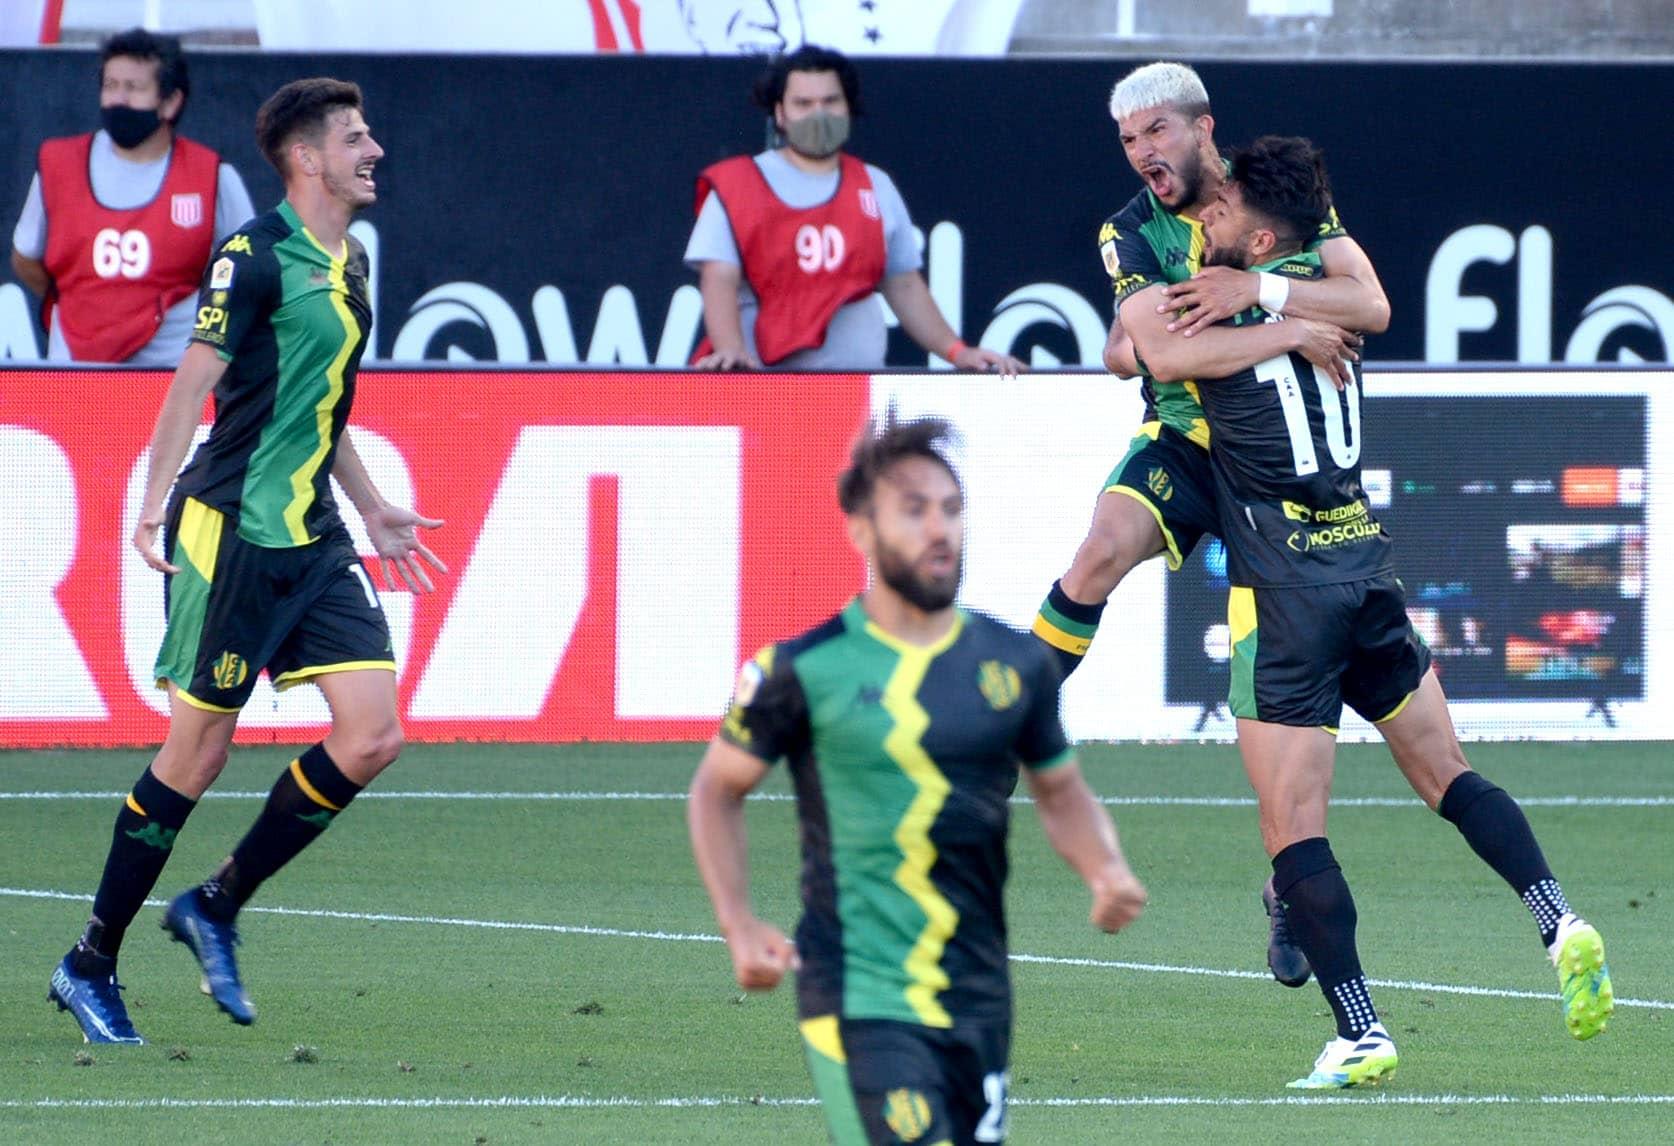 Estudiantes vs Aldosivi resumen del partido